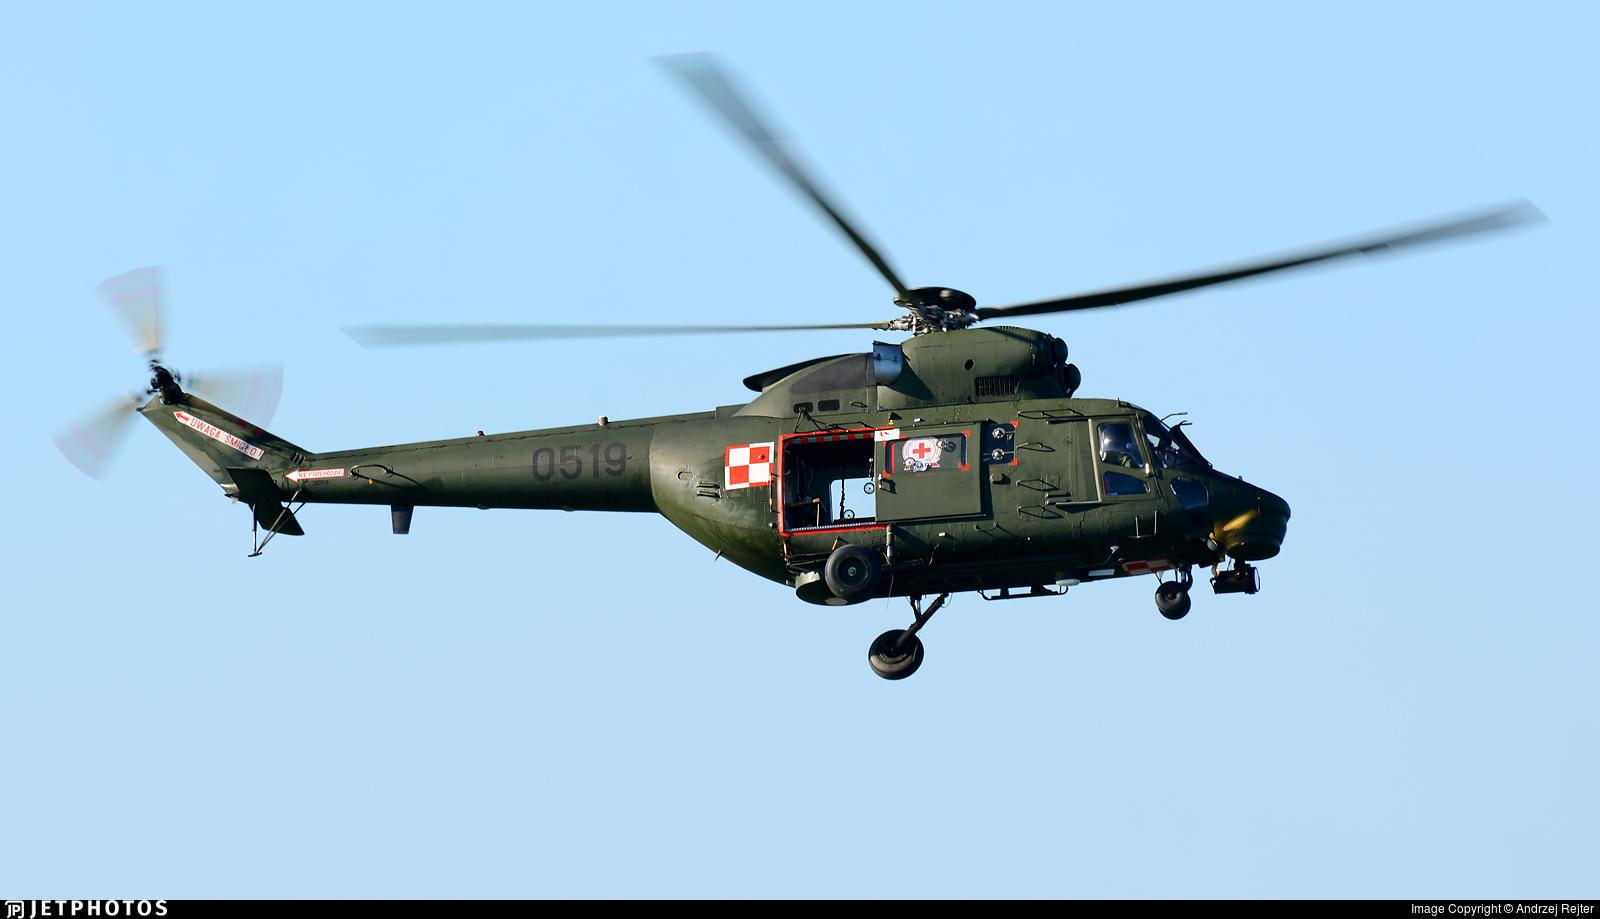 0519 - PZL-Swidnik W3 Sokol - Poland - Air Force